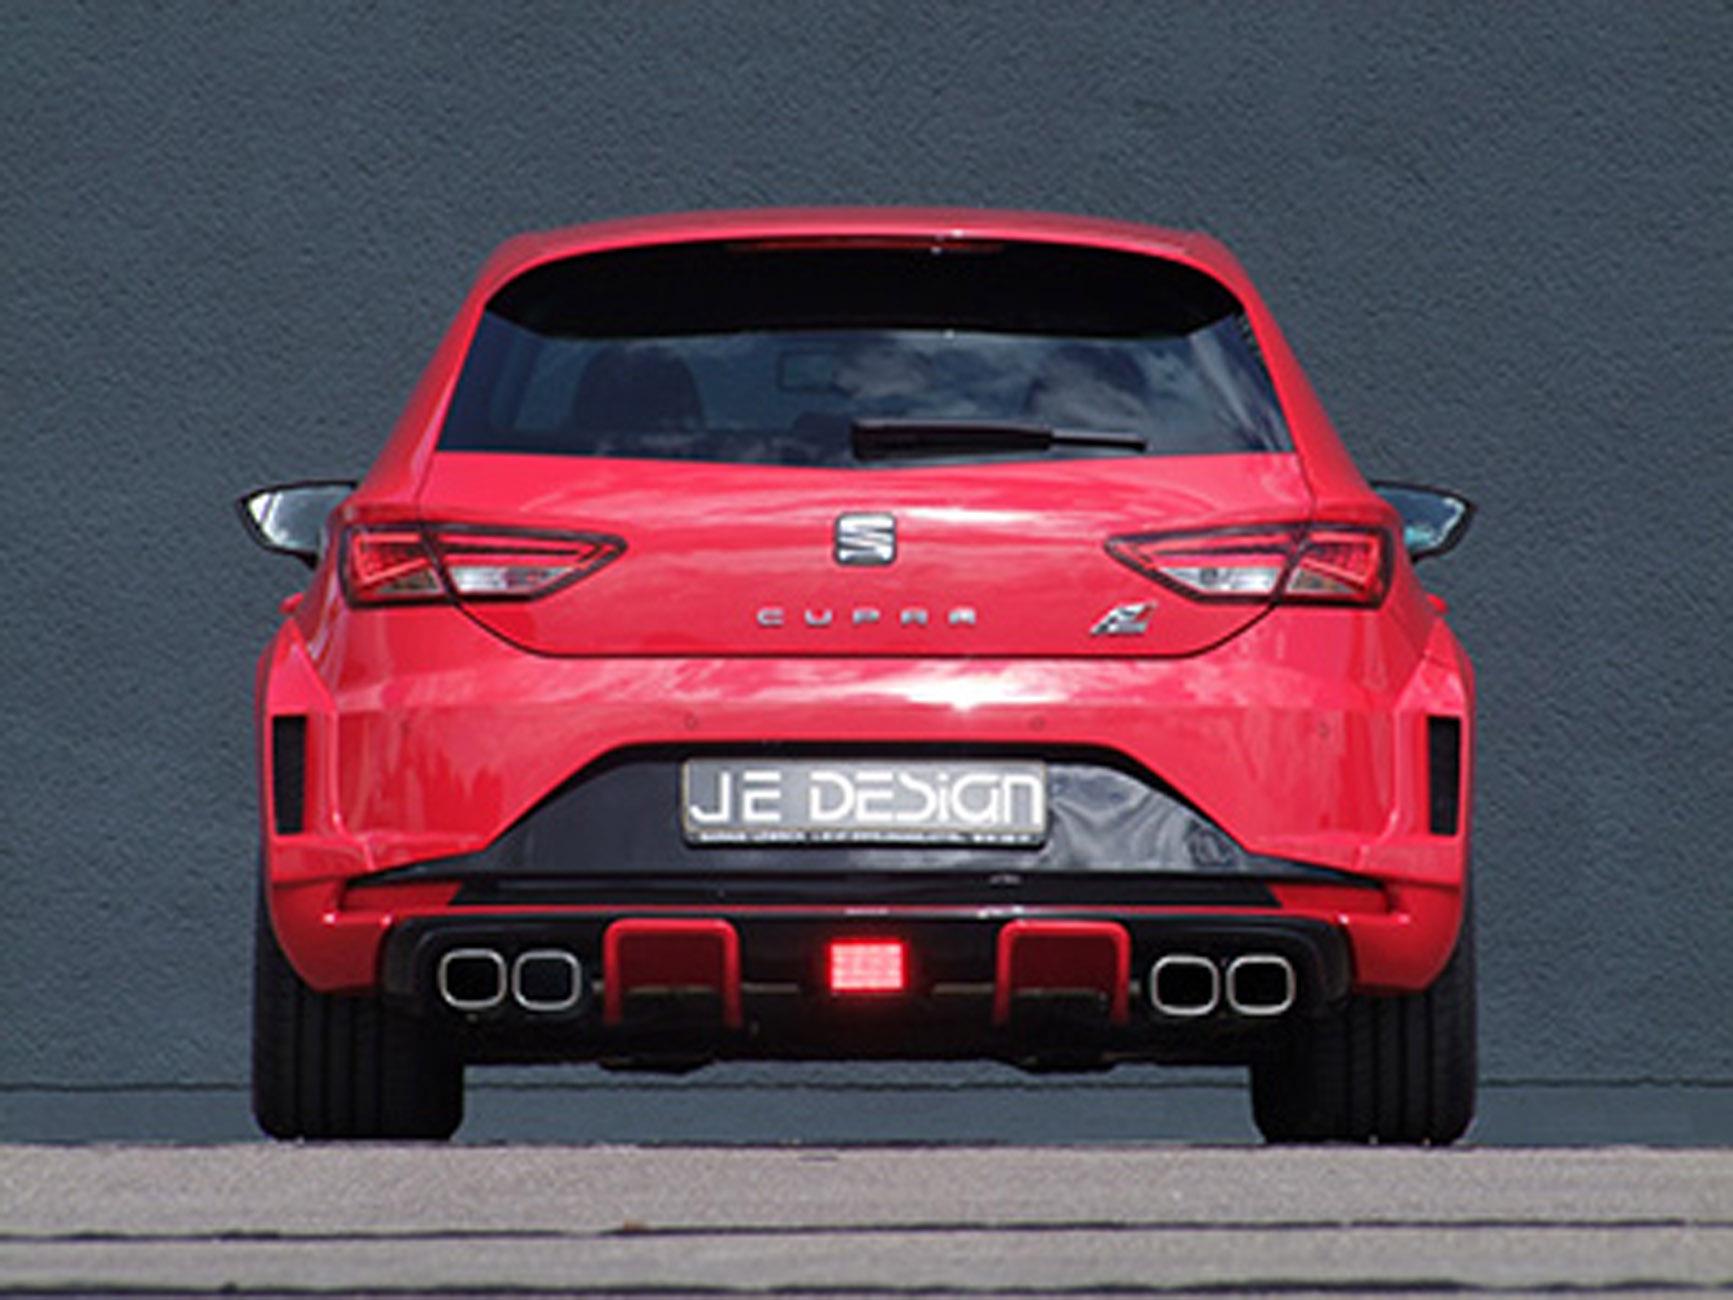 2014 Je Design Seat Leon Cupra 5F